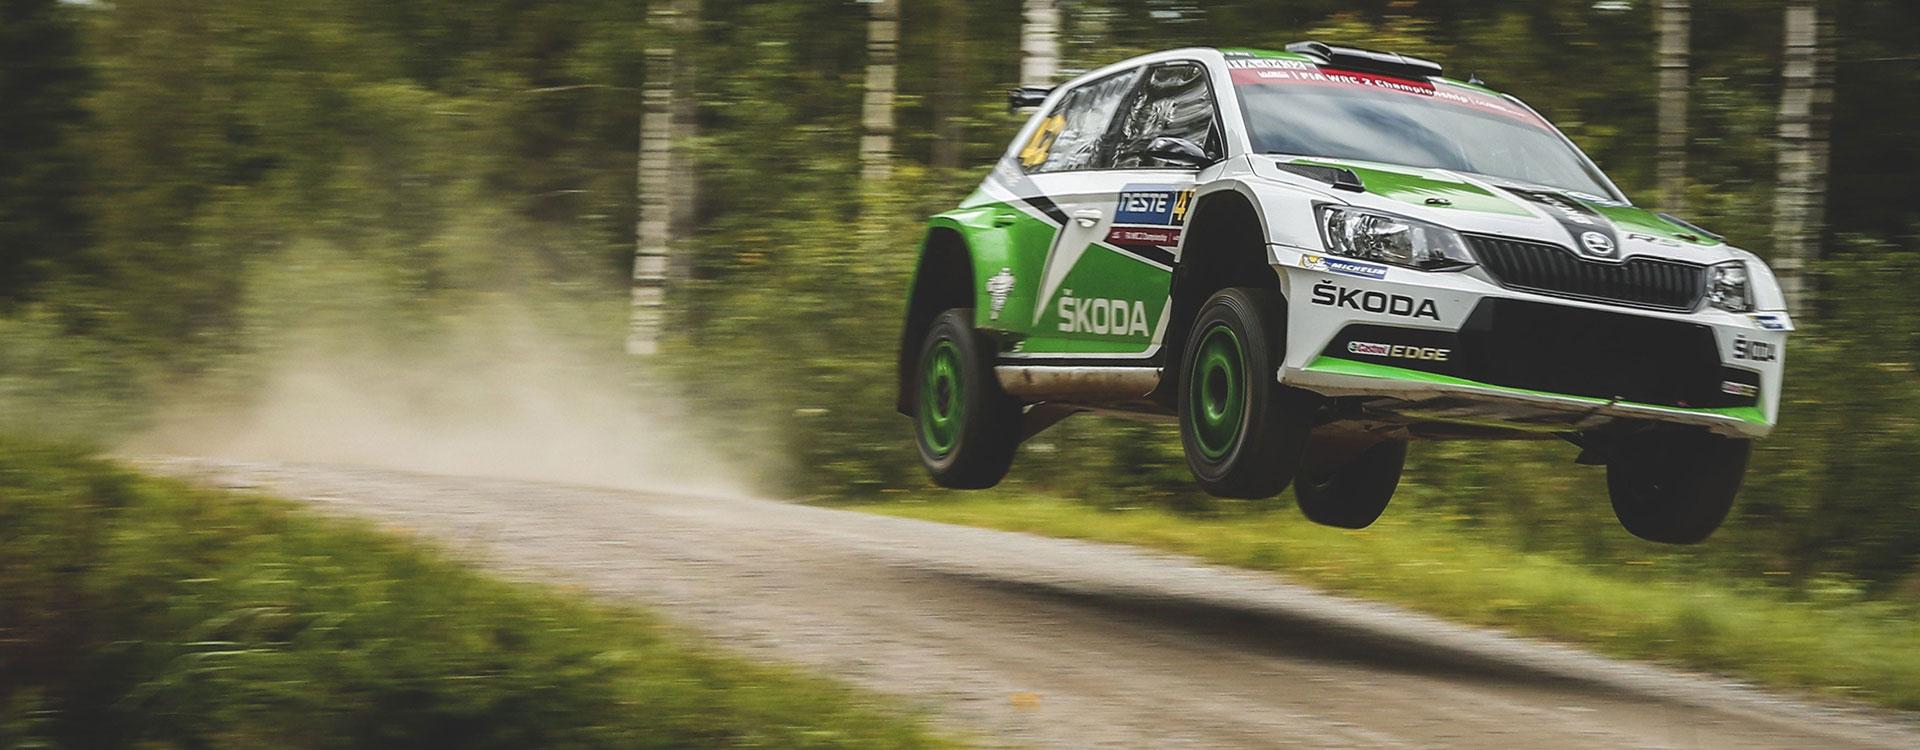 WRC Finland Long Jumps High Speed Just Rally Classic ŠKODA - Wrc sweden 2016 map